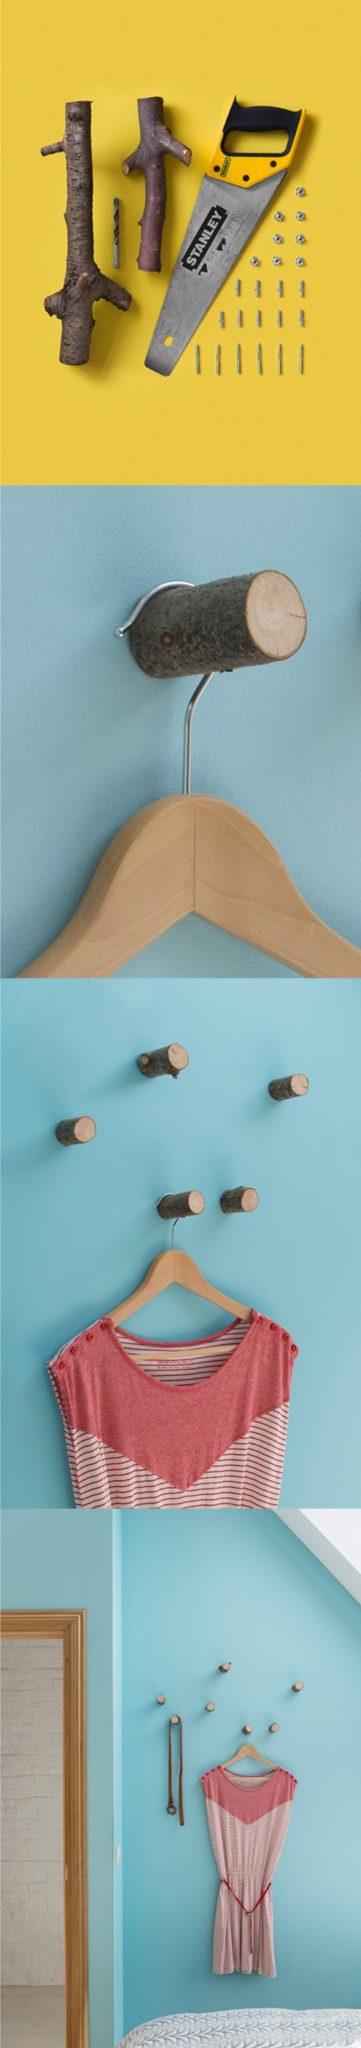 Κρεμάστρες από μικρά κομμάτια ξύλου